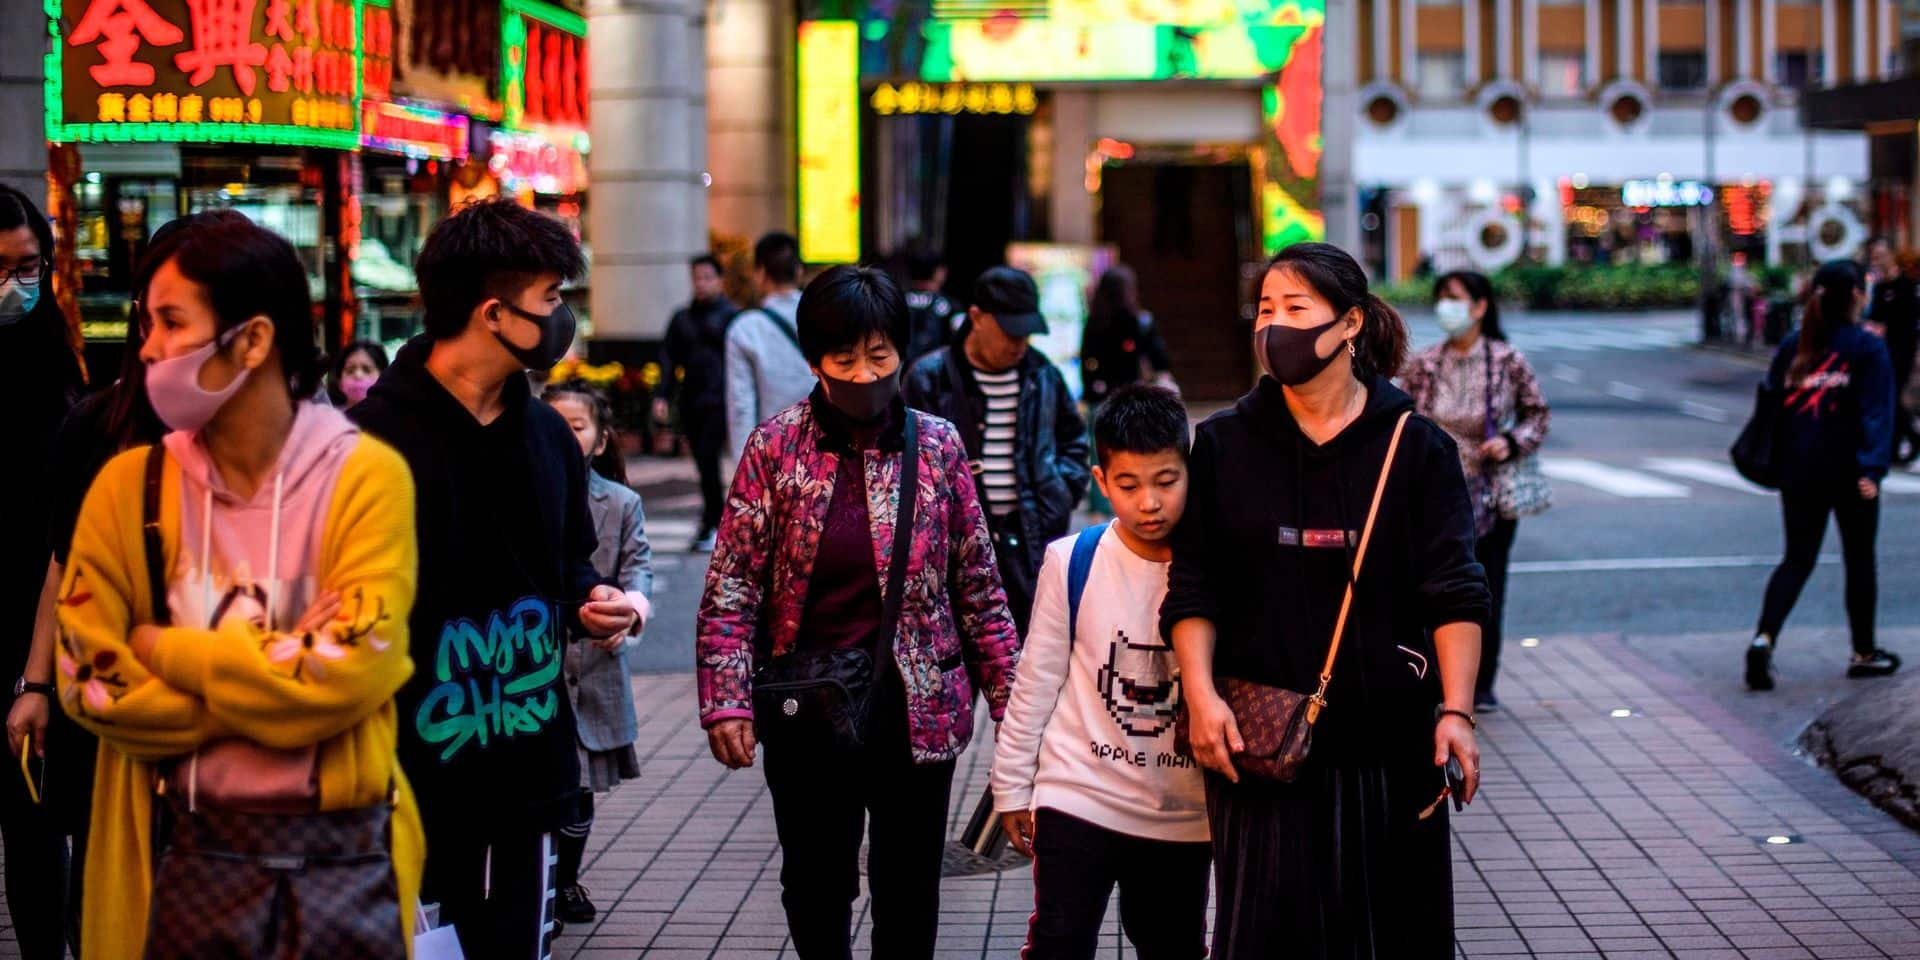 Coronavirus: trains et avions suspendus depuis la ville chinoise où est apparu le virus, l'OMS prolonge sa sa réunion d'urgence